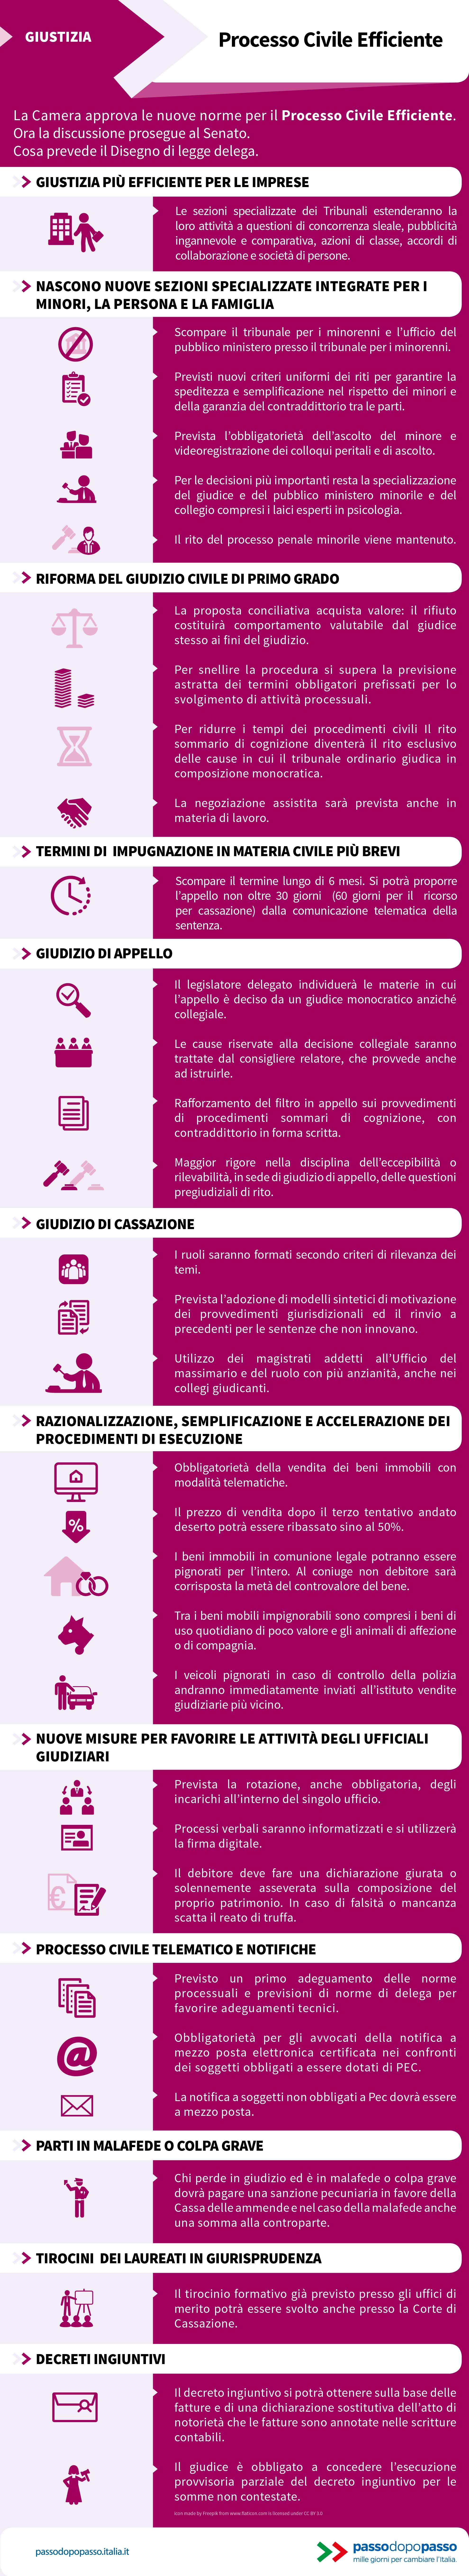 Infografica: Processo civile efficiente